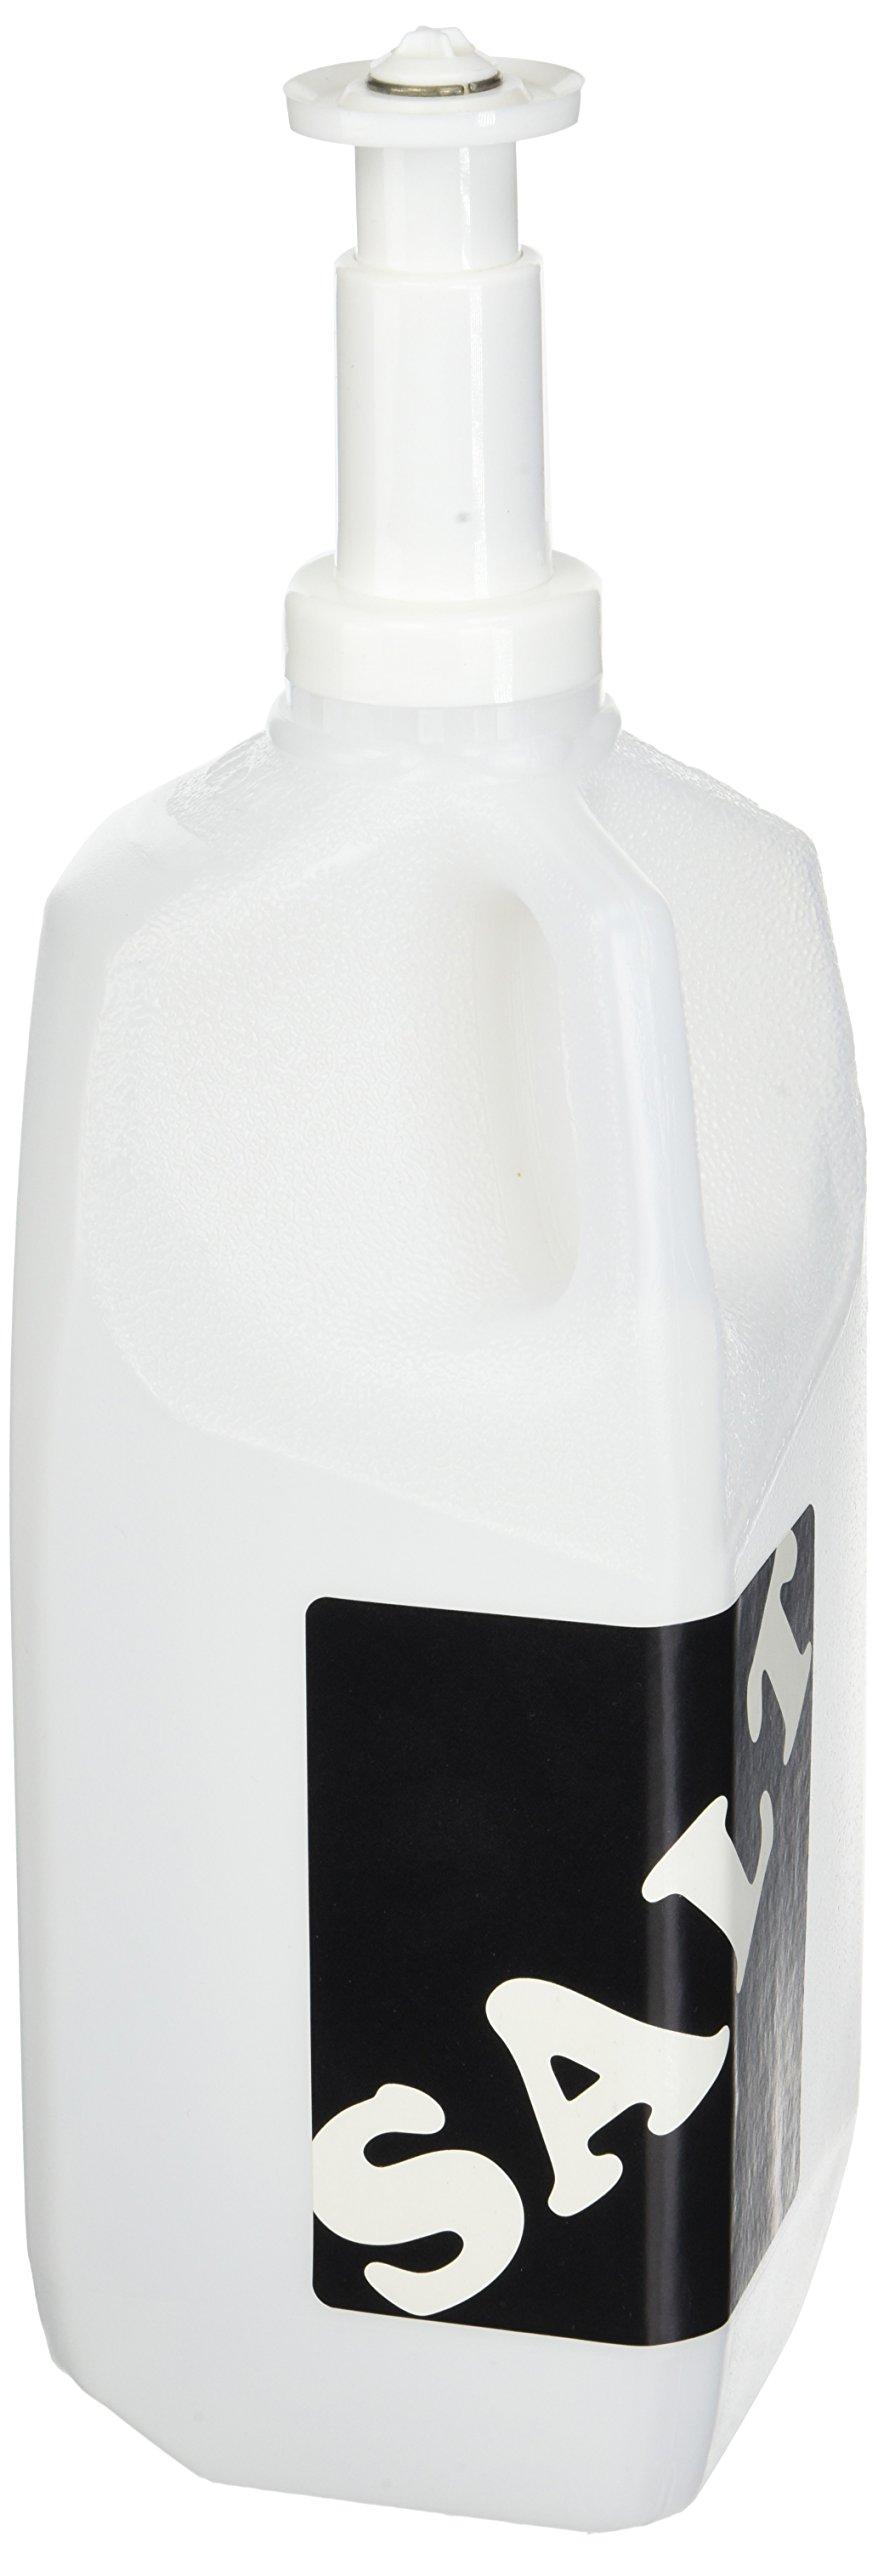 Winco Salt Refiller, 0.5-Gallon